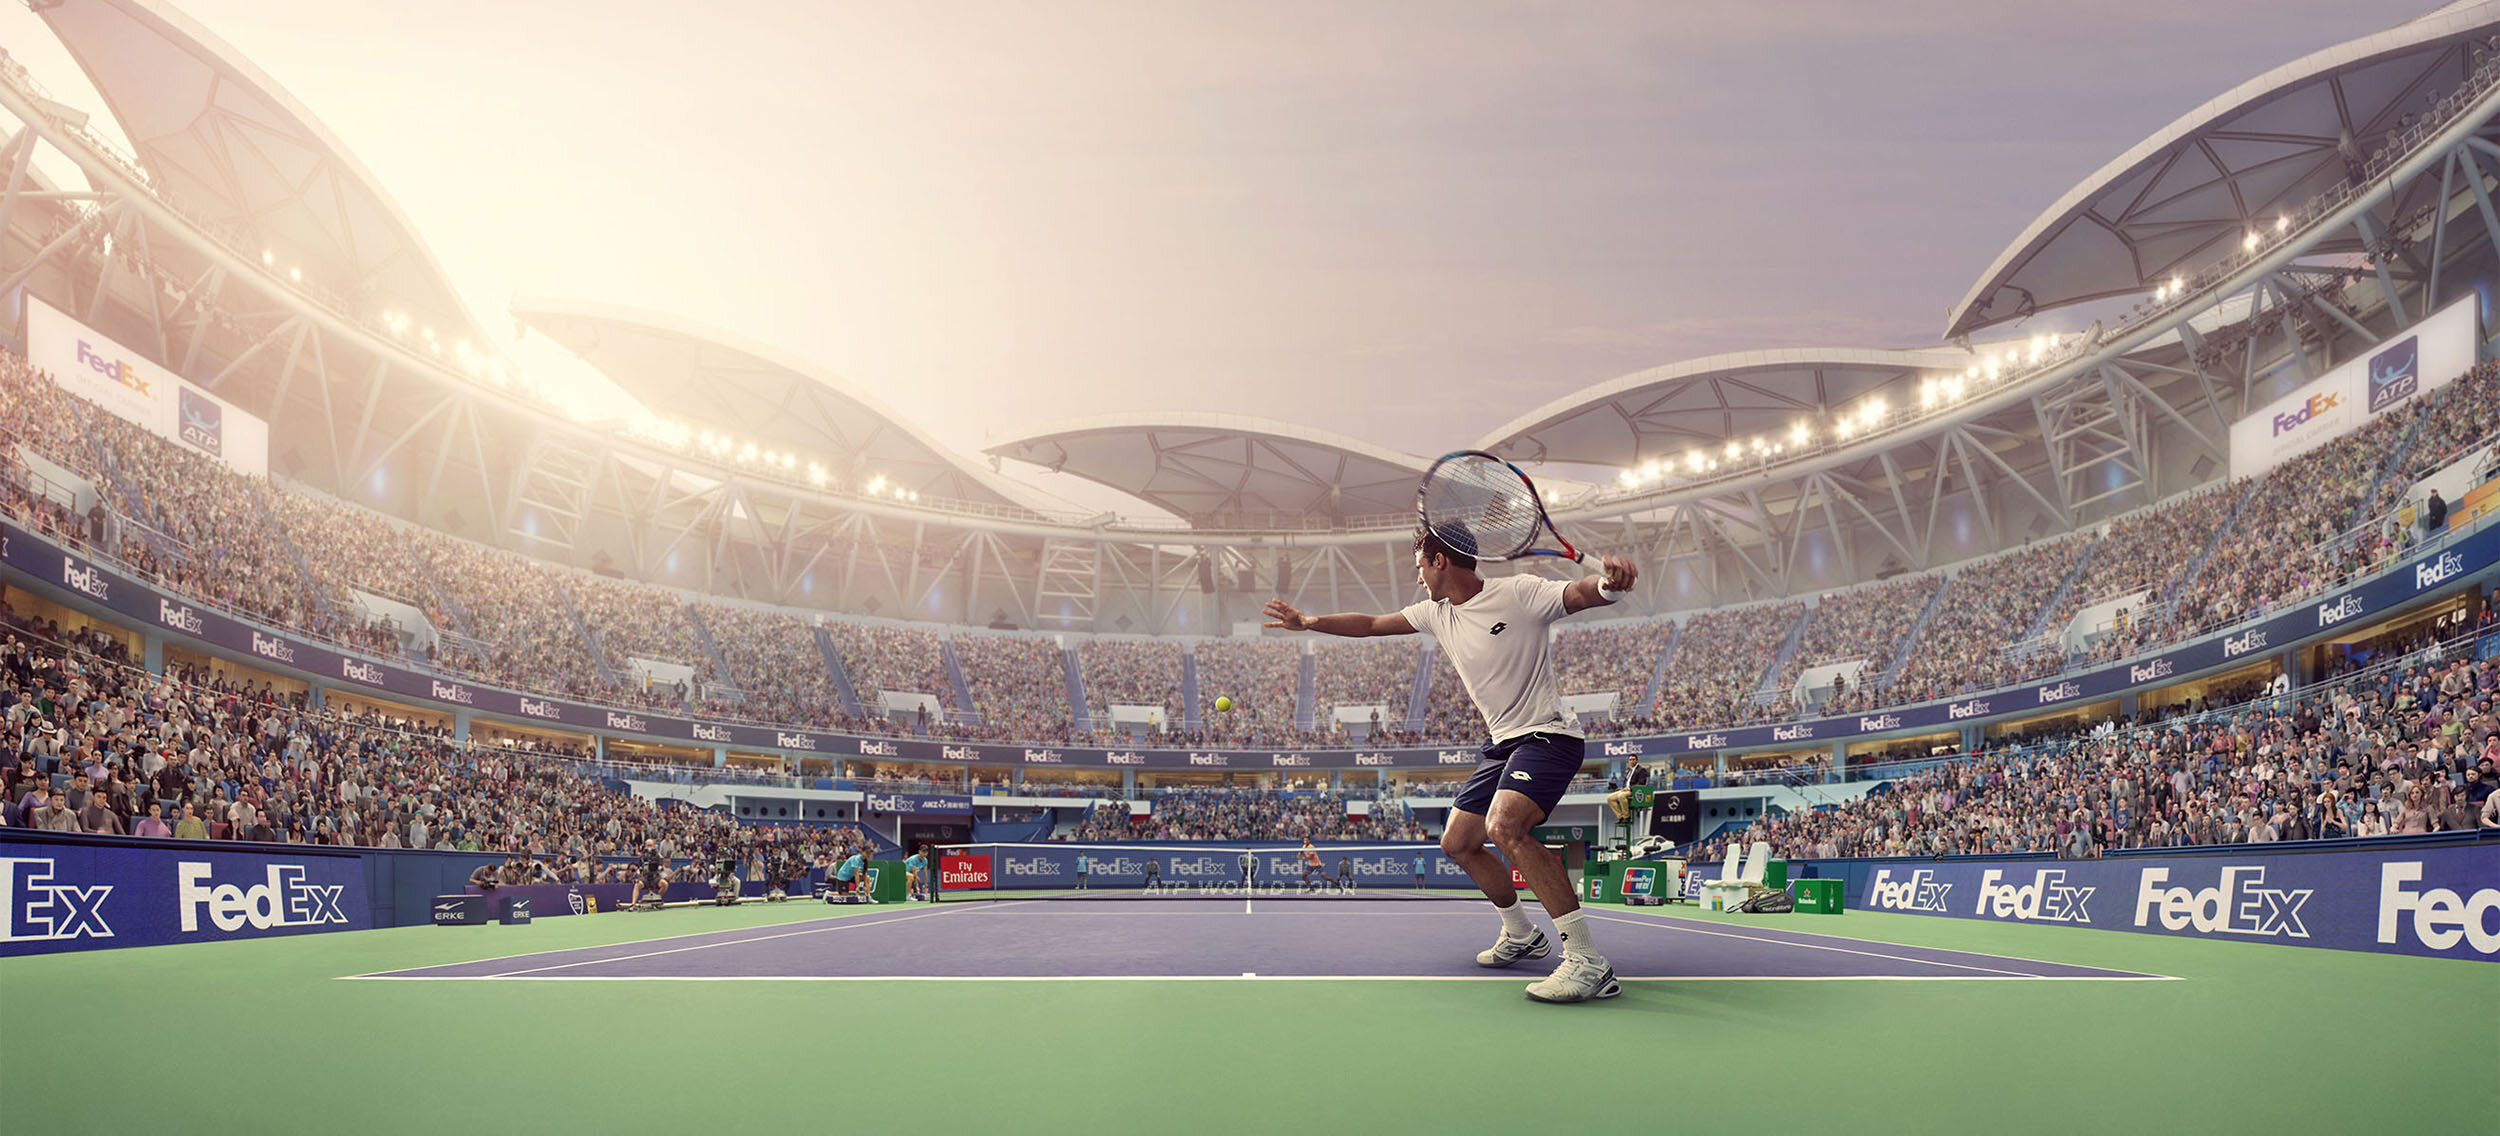 FedEx_Stadium_Tennis.jpg